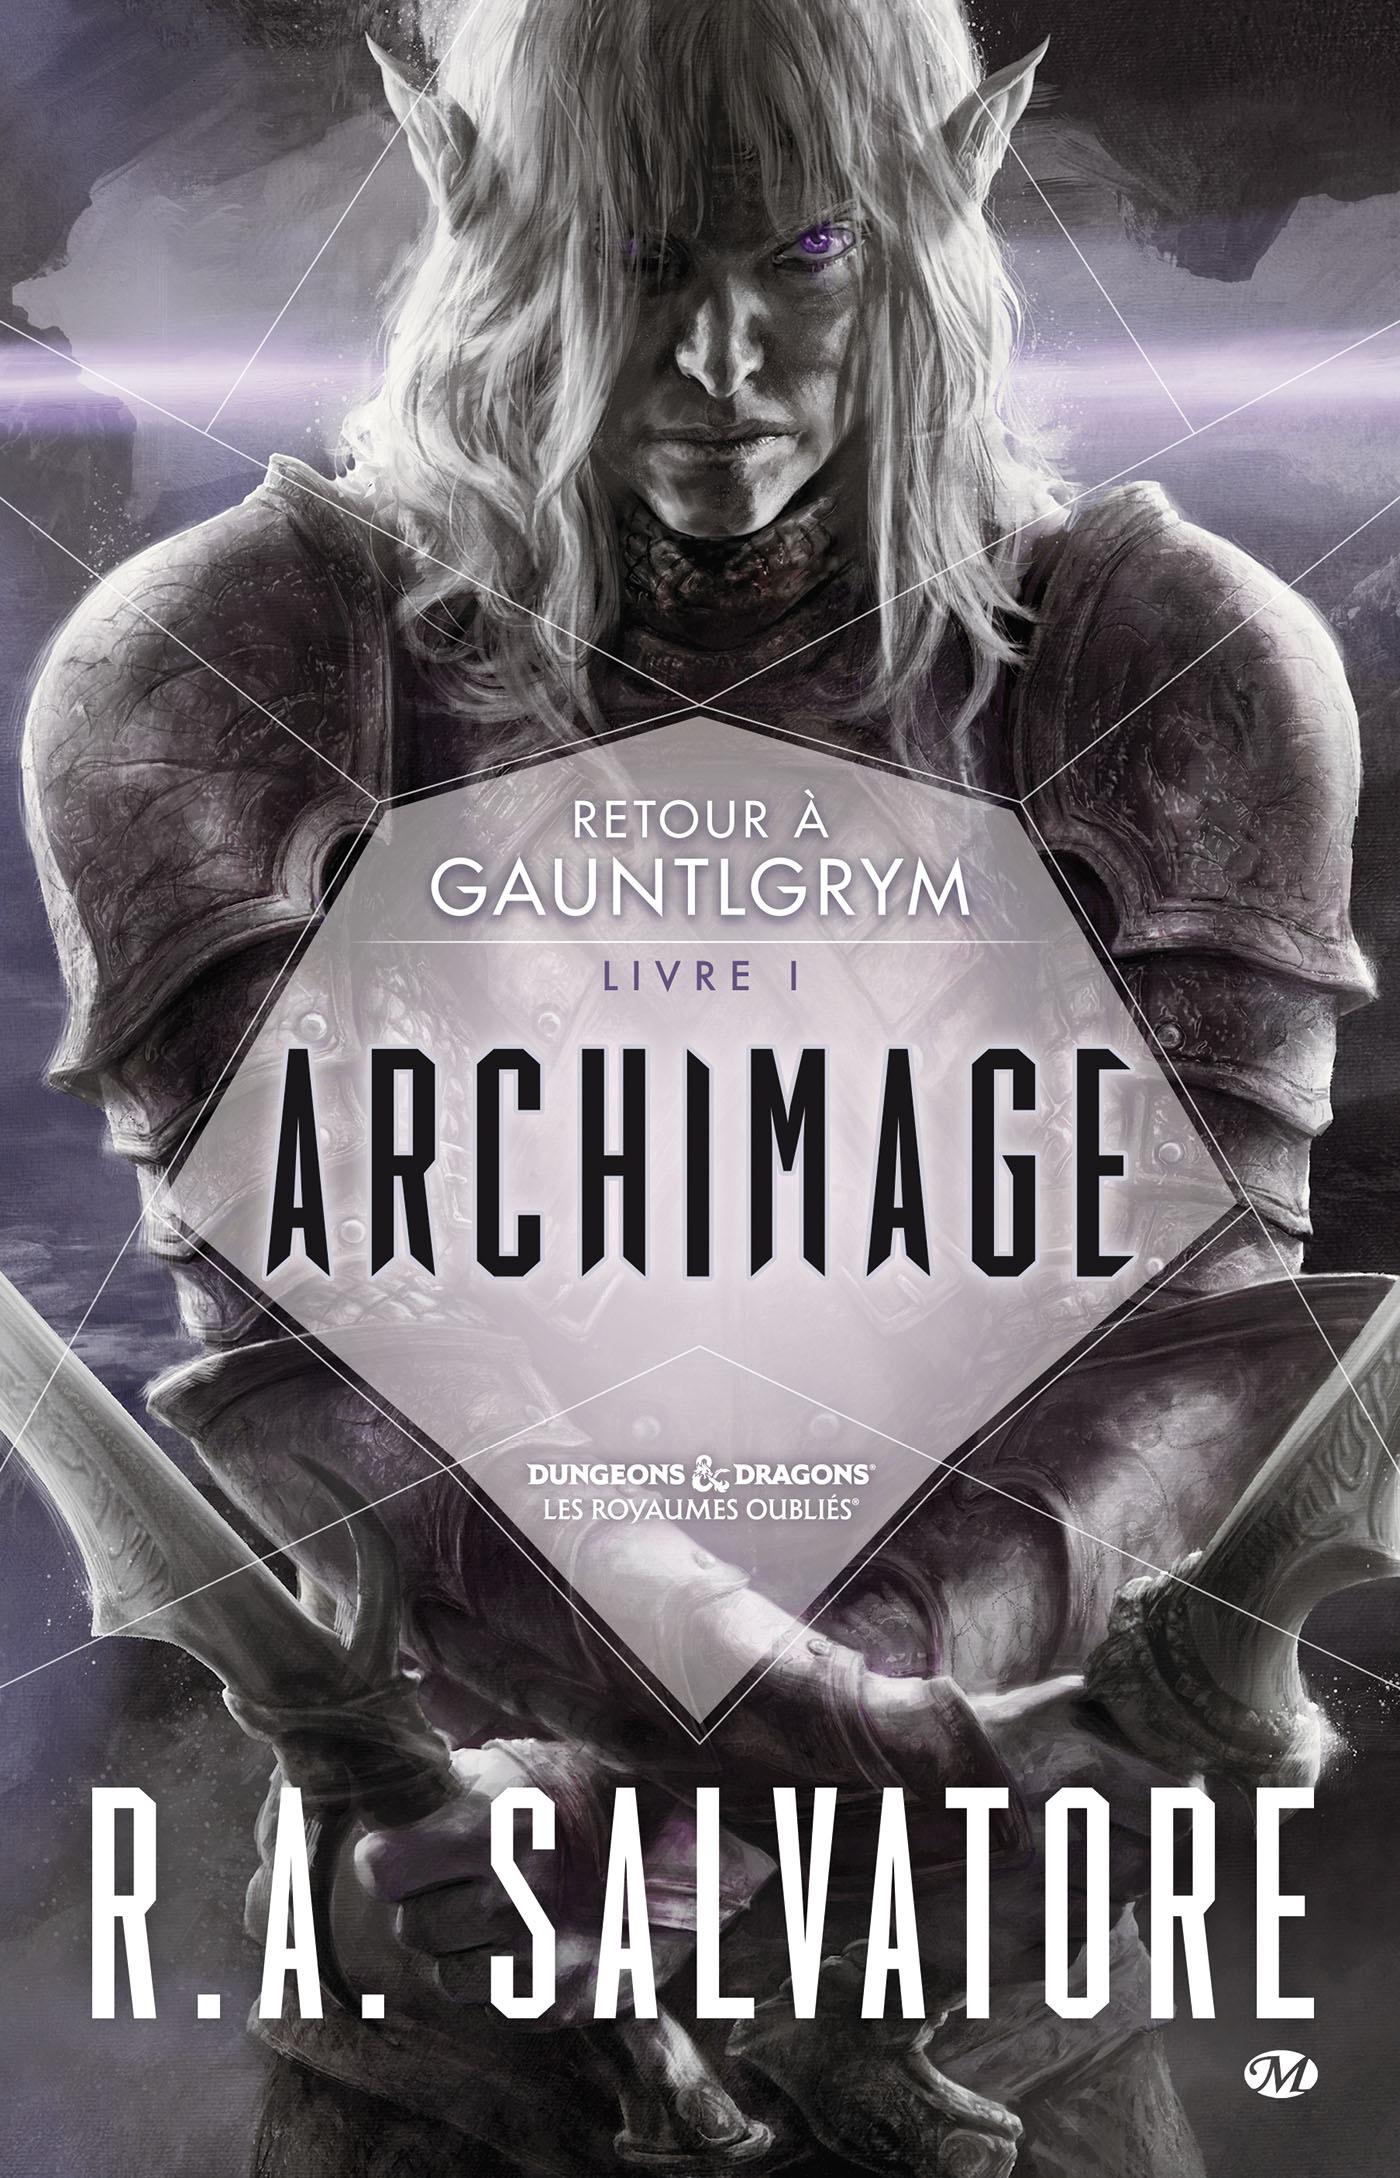 Archimage, RETOUR À GAUNTLGRYM, T1